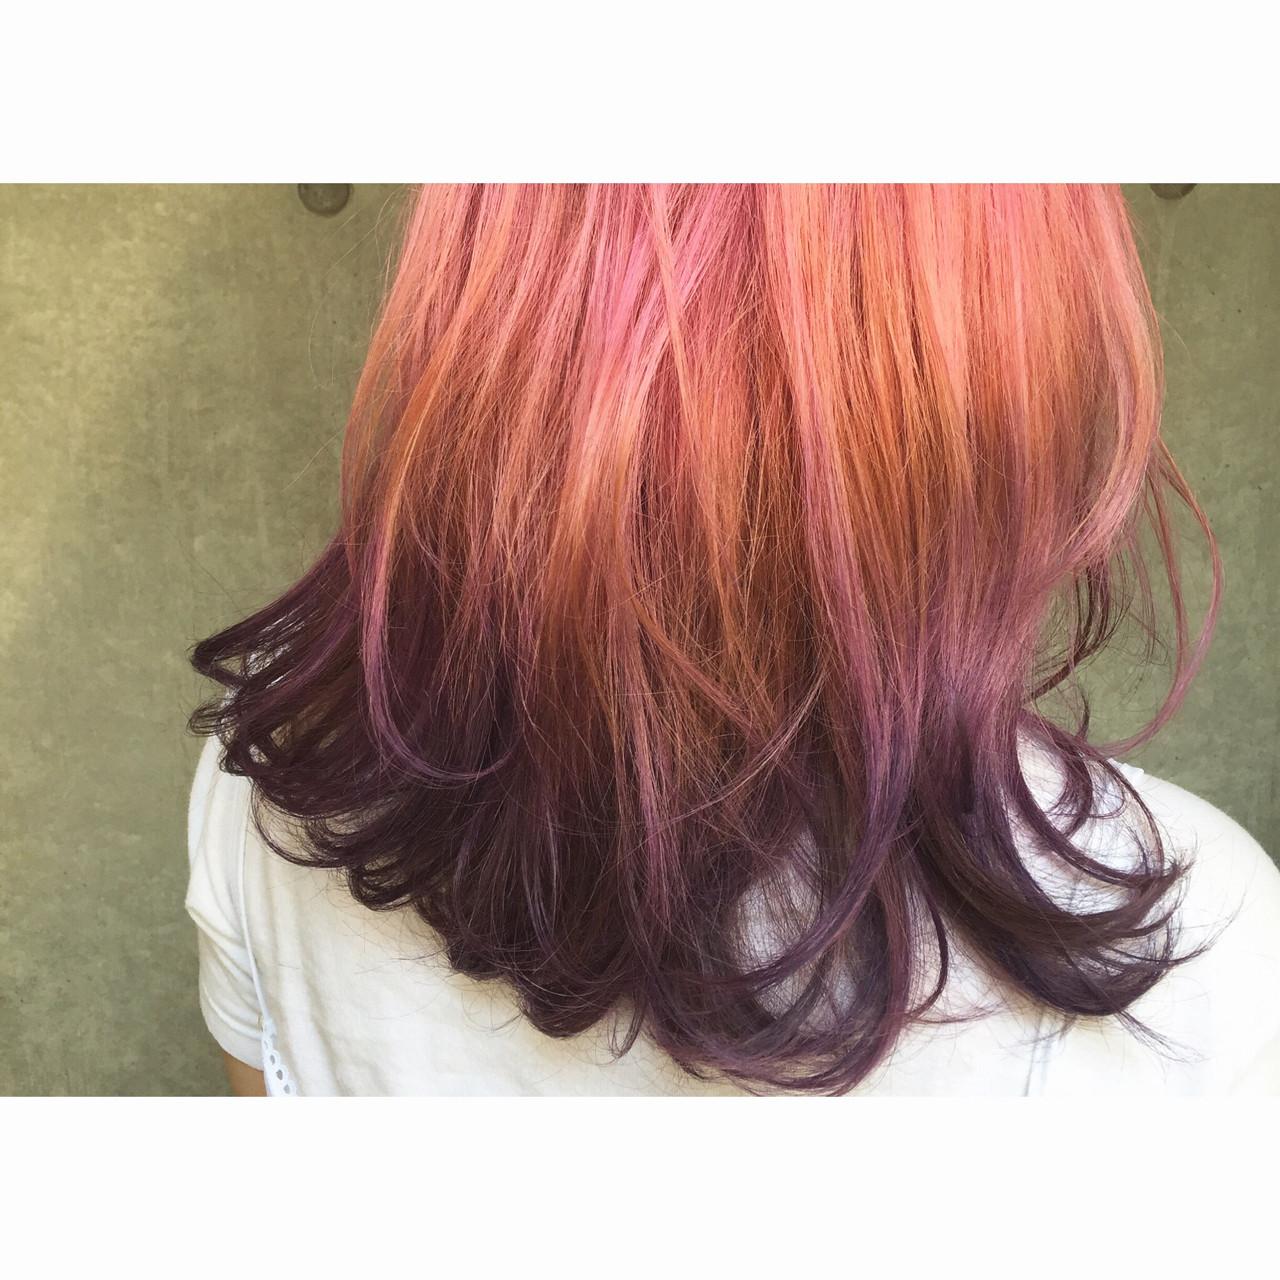 パーマ モード ミディアム 暗髪 ヘアスタイルや髪型の写真・画像 | bibito crew / bibito